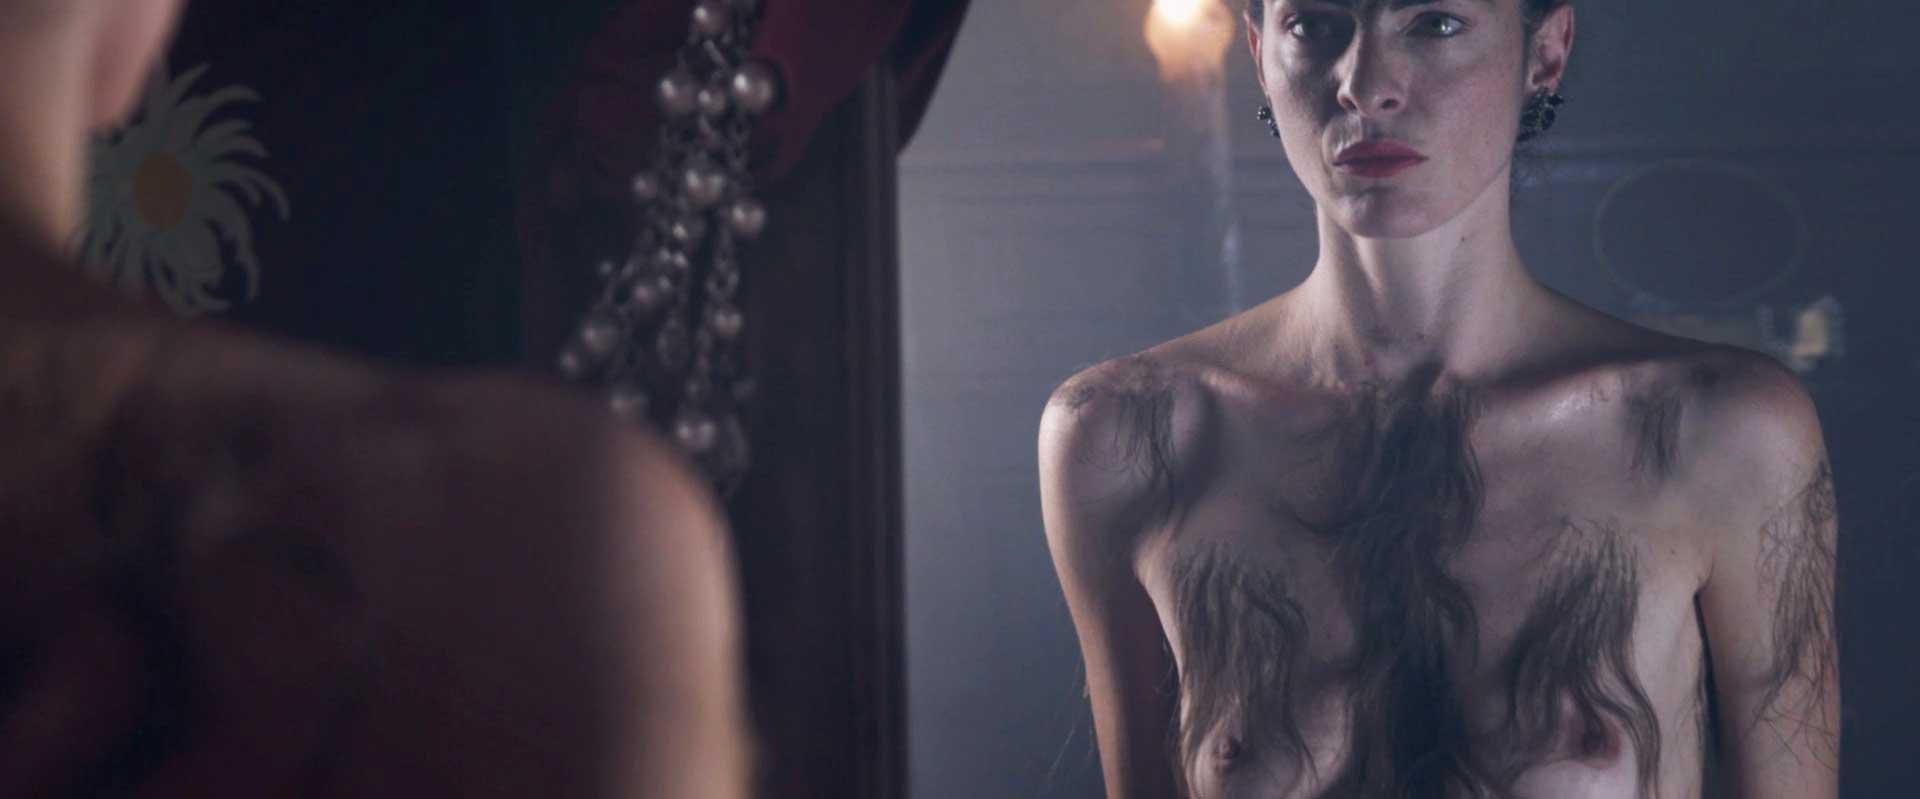 Lucy // Ioanna Tsinividi